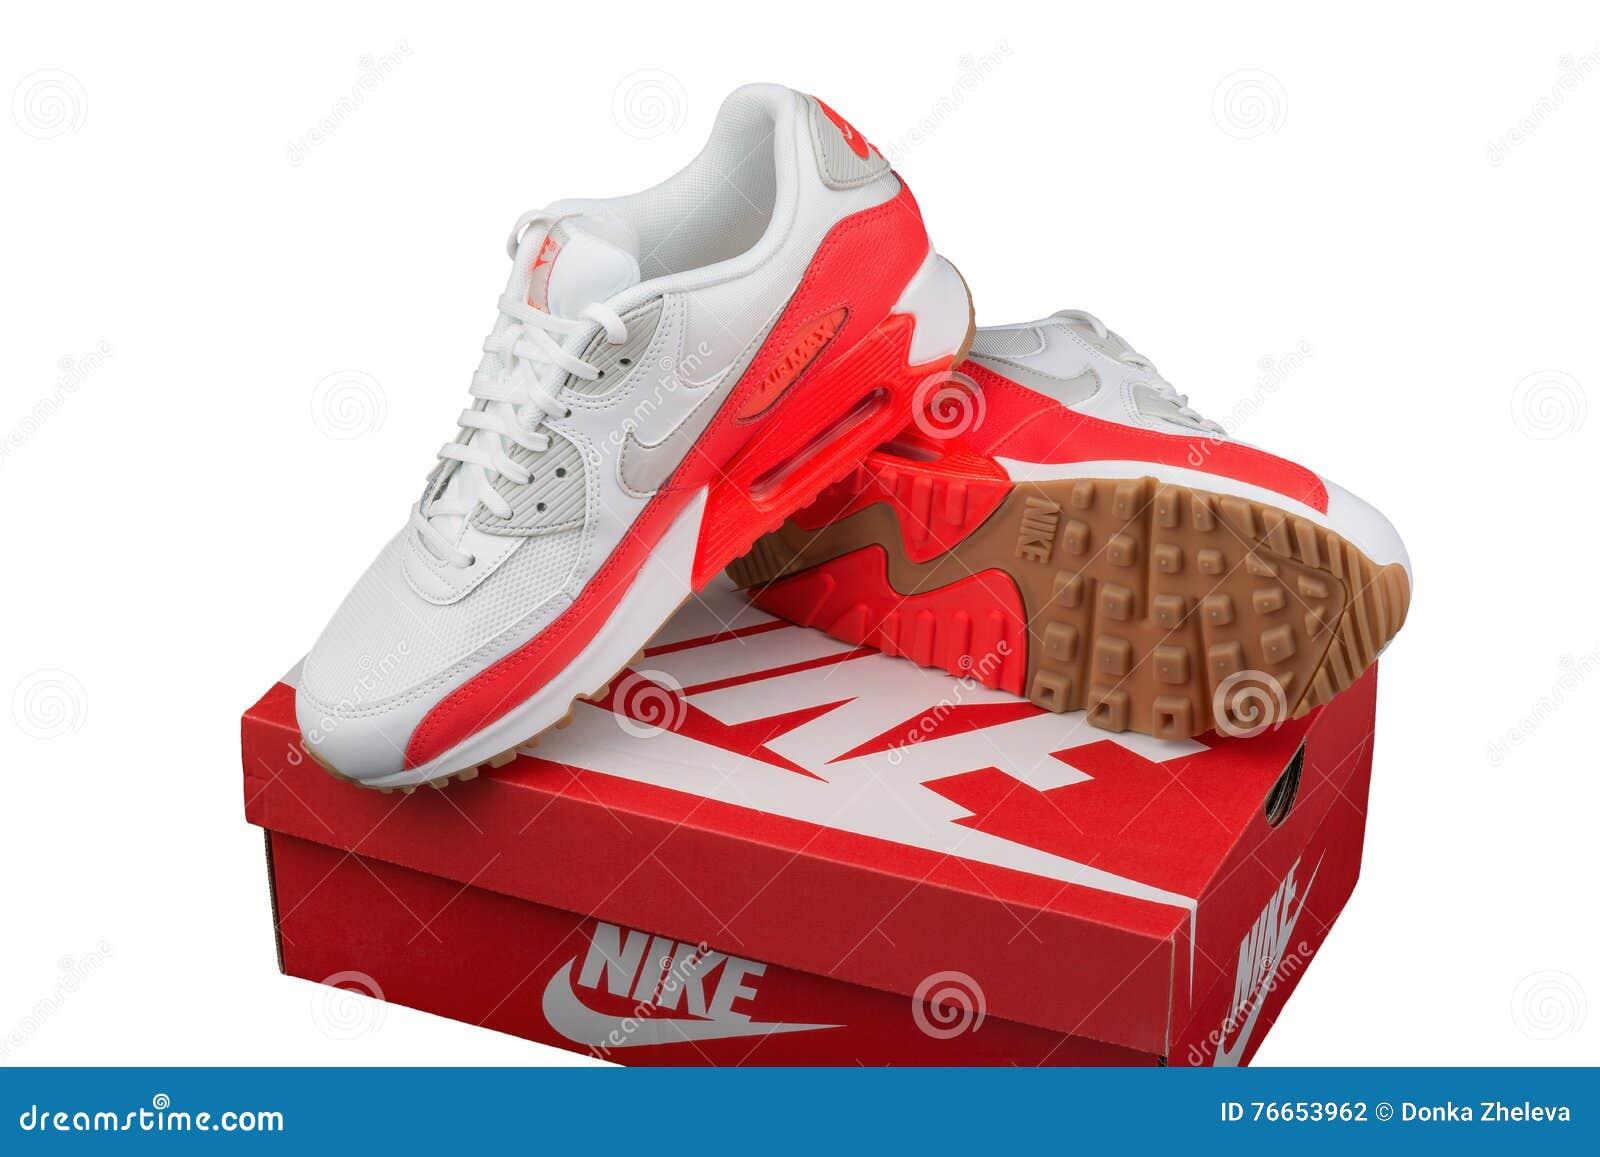 db96e01e82d BURGAS, ΒΟΥΛΓΑΡΊΑ - 29 ΑΥΓΟΎΣΤΟΥ 2016: ΑΝΩΤΑΤΗΣ κυρίας αέρα της Nike -  παπούτσια των γυναικών - πάνινα παπούτσια - εκπαιδευτές, στο άσπρο και  πορτοκαλί, ...